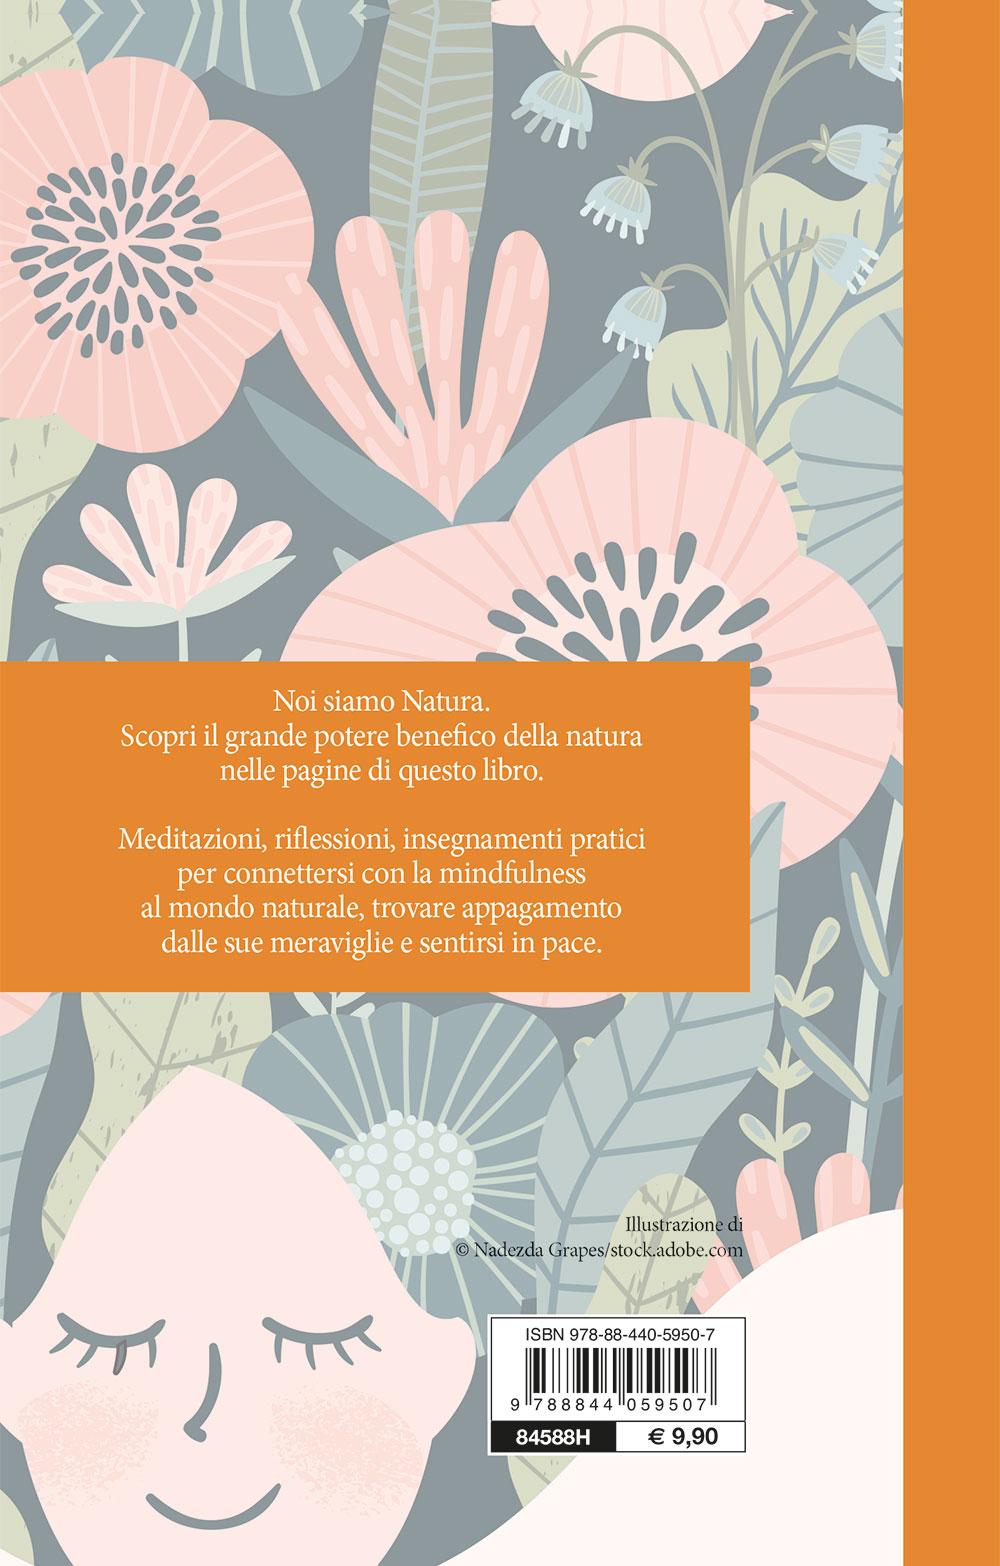 Mindfulness pratica natura